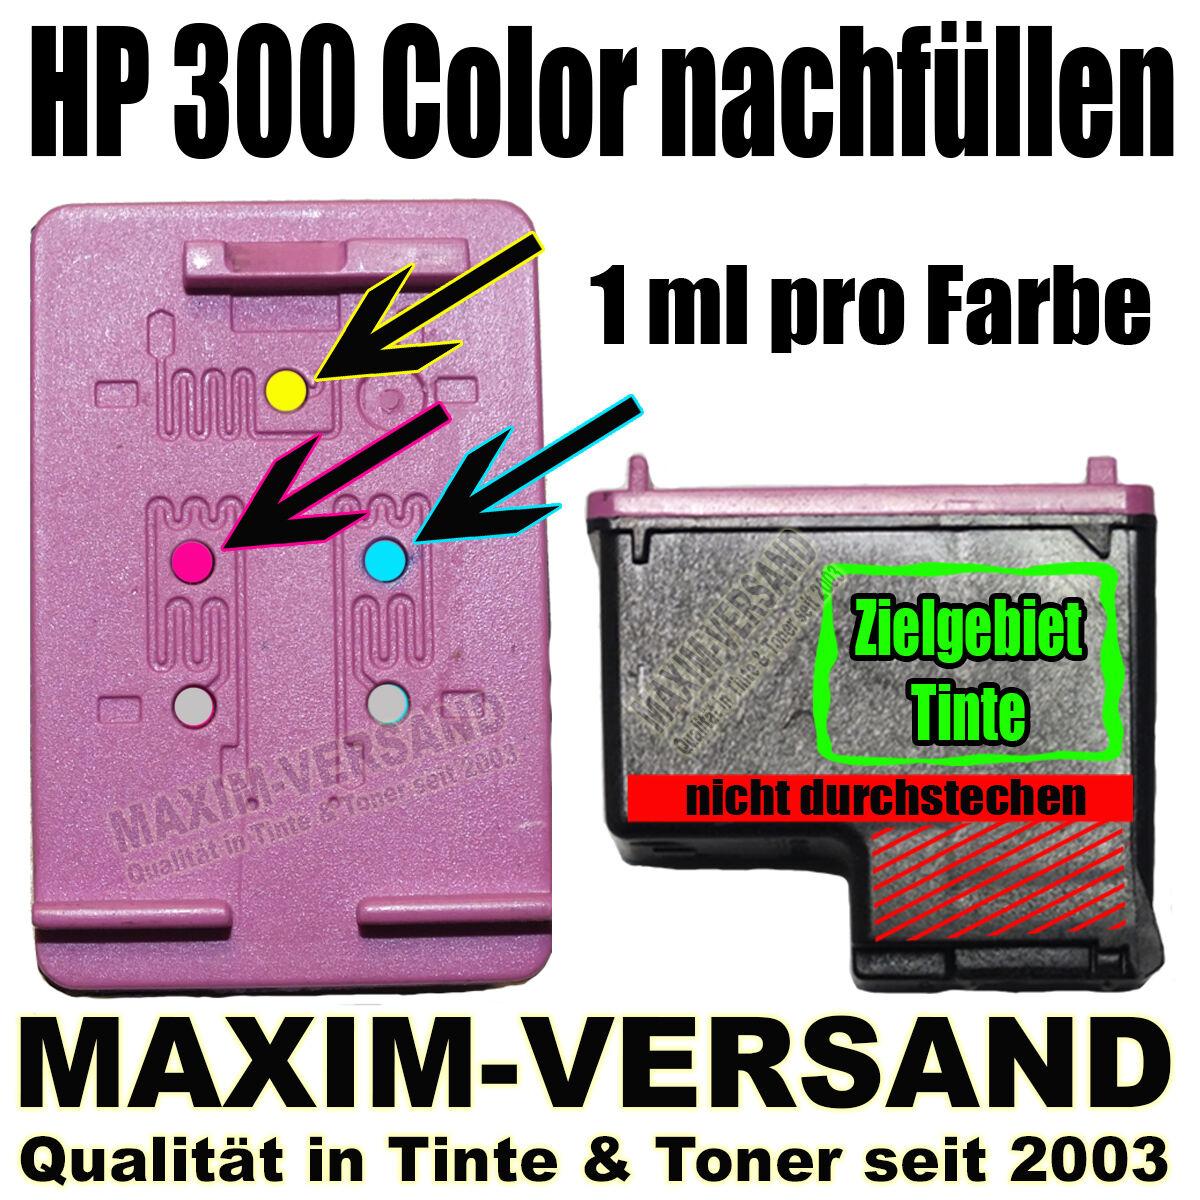 HP 300 Color nachfüllen